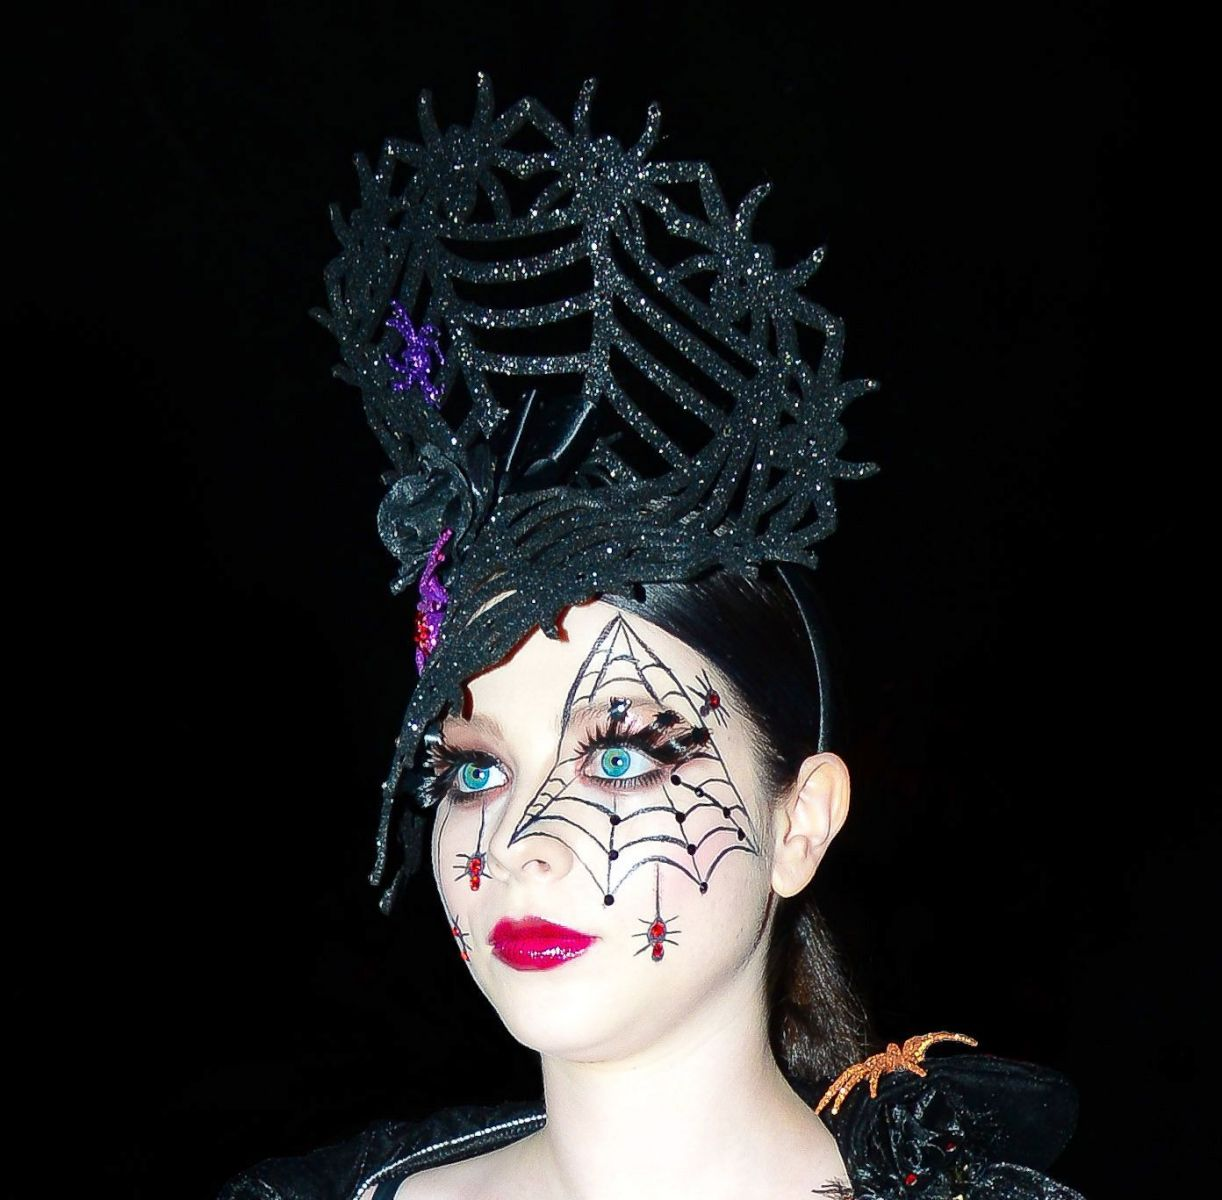 Как смыть грим и снять макияж после Хэллоуина: несколько хитростей картинки